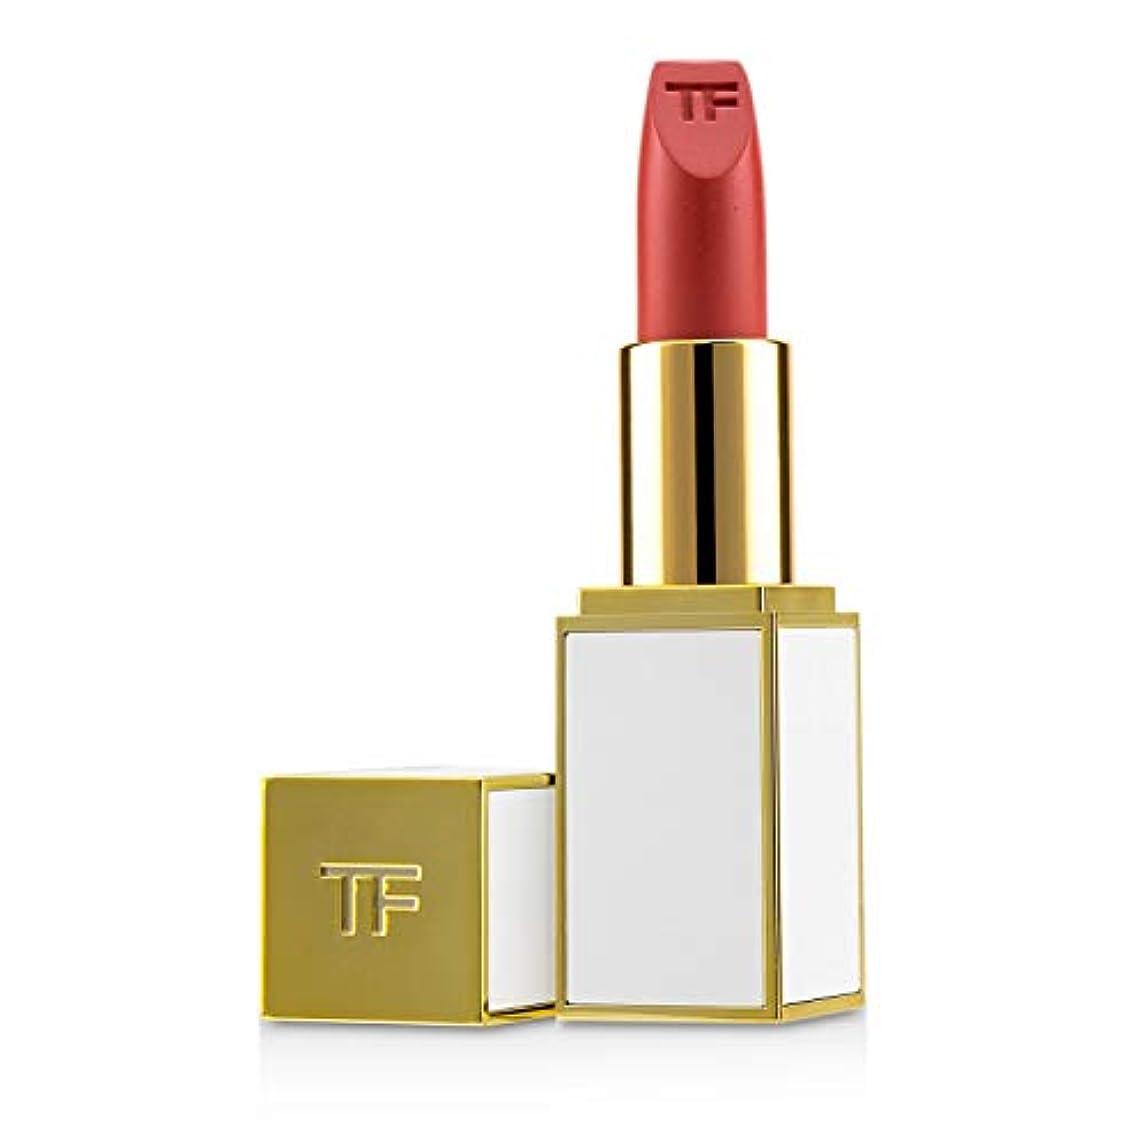 見る人甘味一定トム フォード Lip Color Sheer - # 16 Pieno Sole 3g/0.1oz並行輸入品